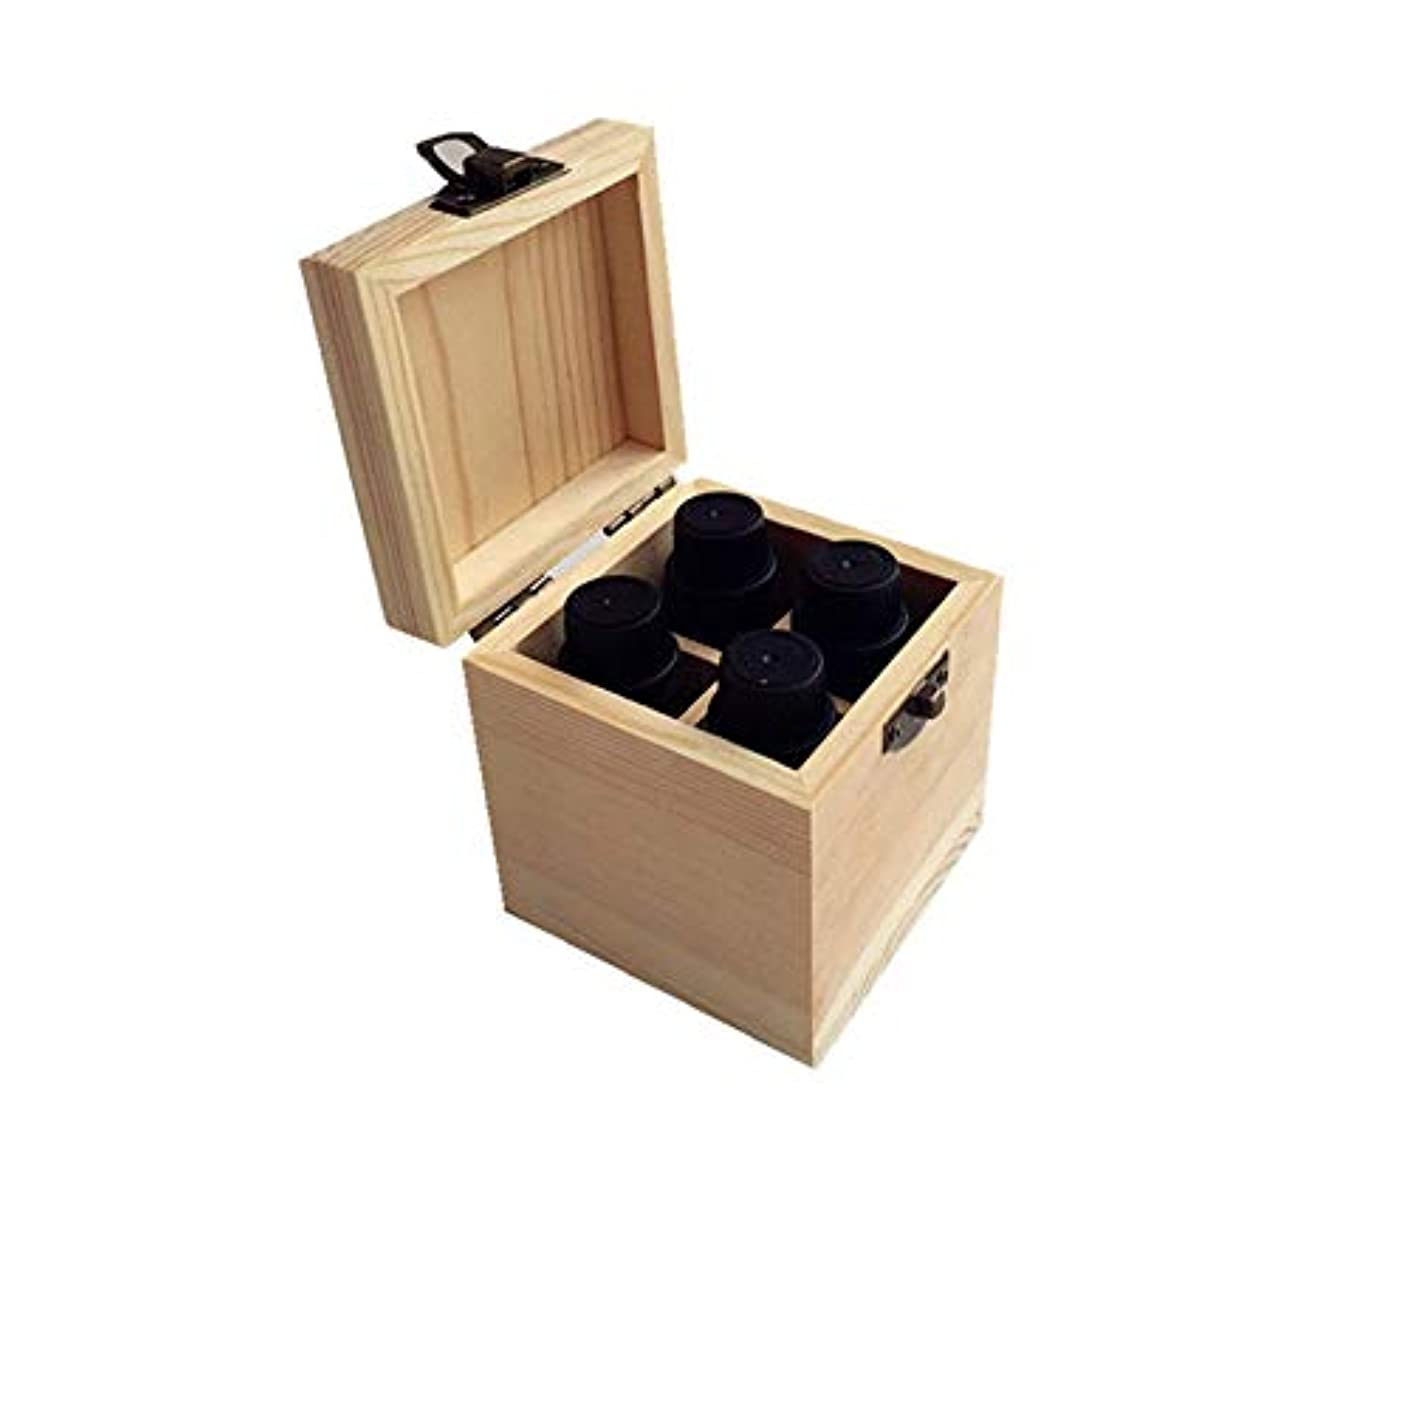 それにもかかわらず靴枢機卿4スロットの品質の木製エッセンシャルオイルストレージボックス アロマセラピー製品 (色 : Natural, サイズ : 8X8X9CM)